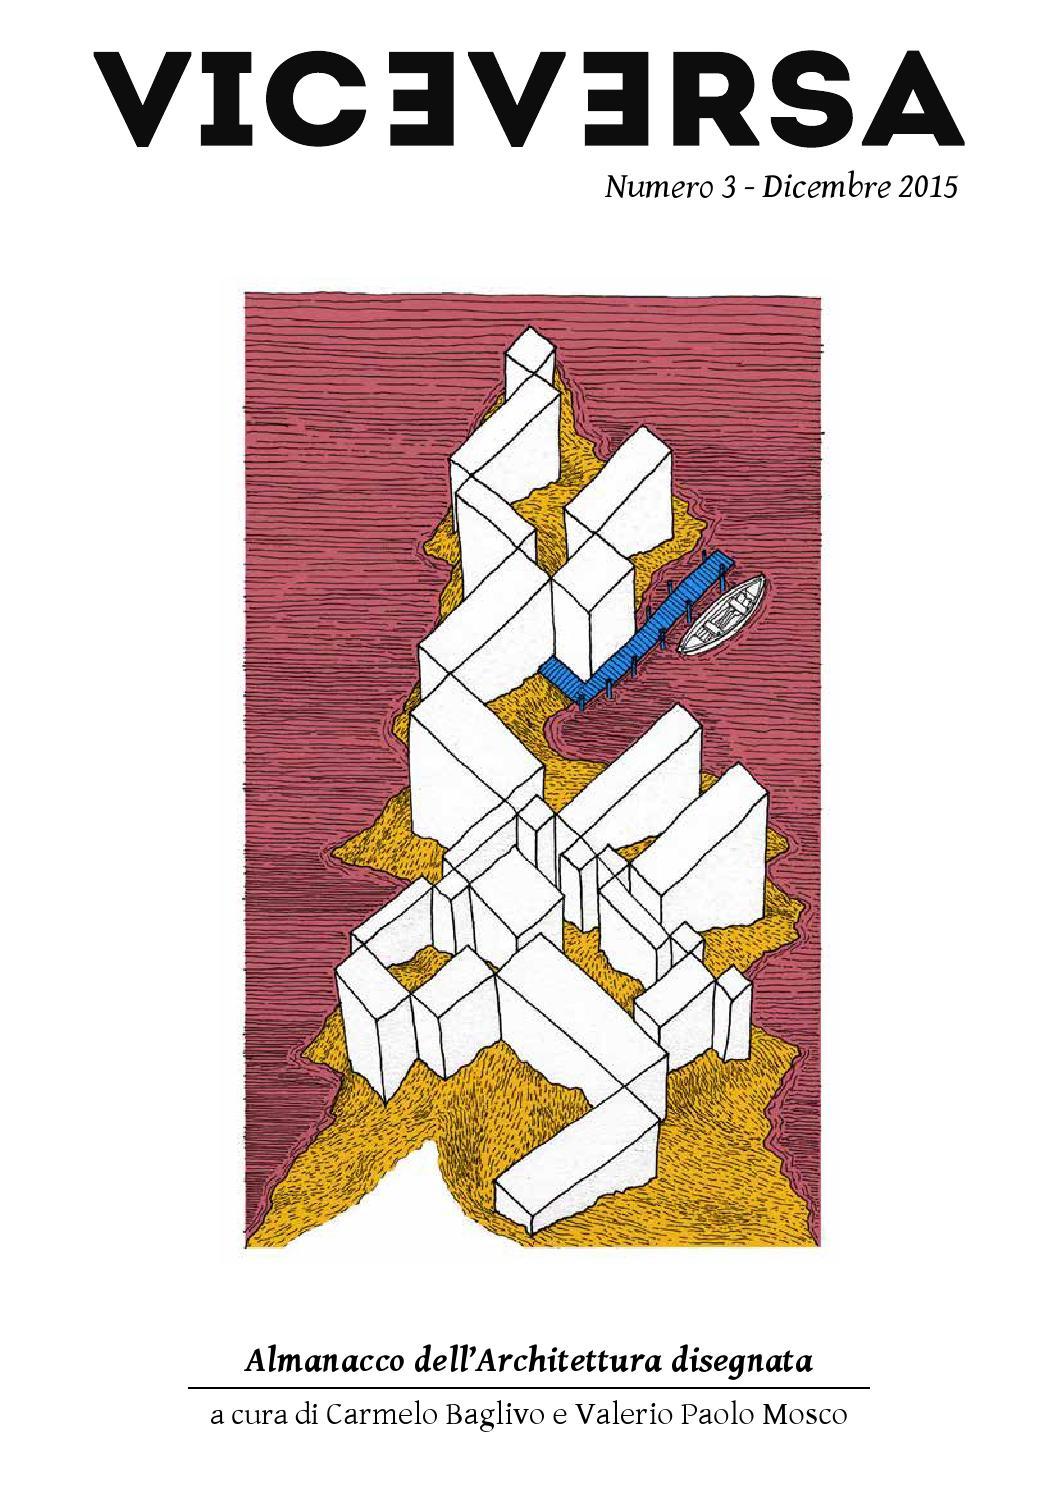 Viceversa 3 almanacco dell 39 architettura disegnata by 011 for Architettura disegnata